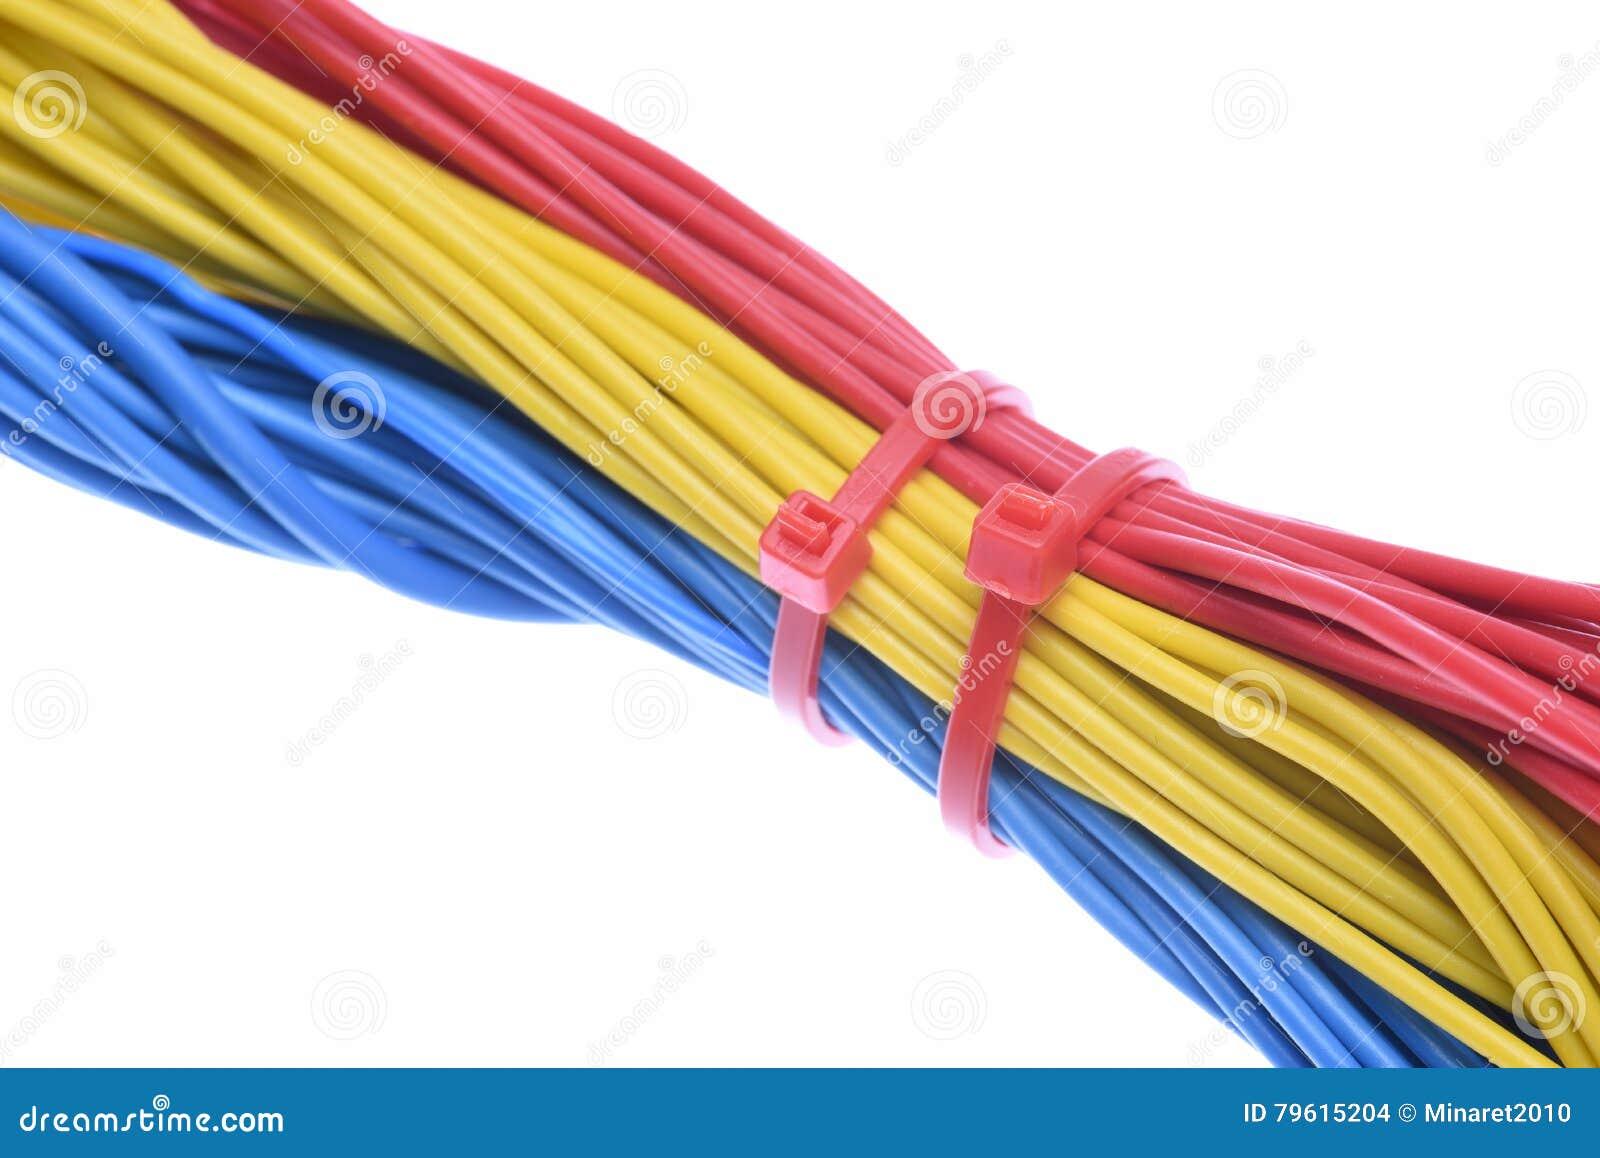 Groß Hitzebeständiges Elektrisches Kabel Zeitgenössisch ...